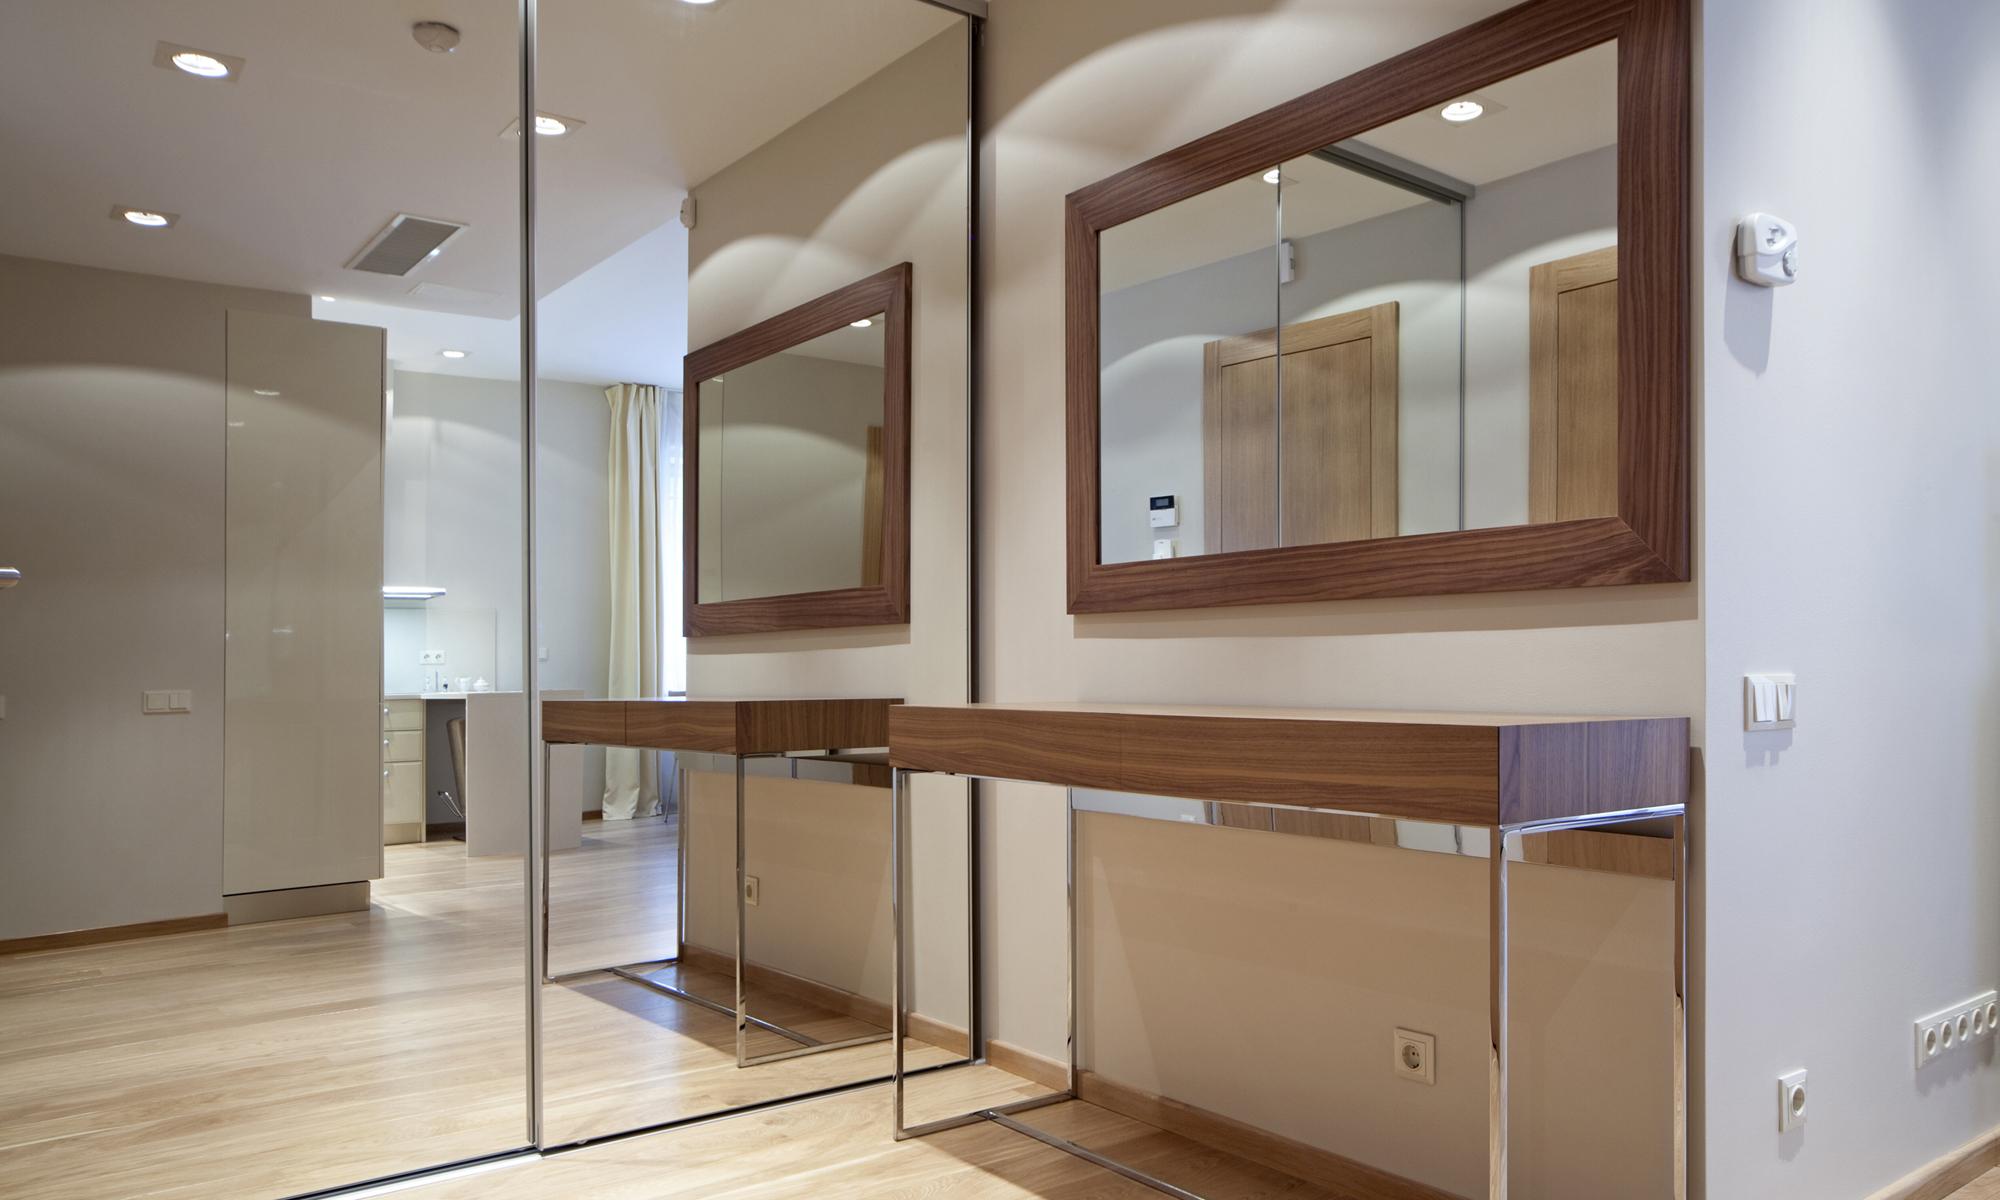 Fabriquer miroir industriel yb51 jornalagora - Fabrication d un miroir ...